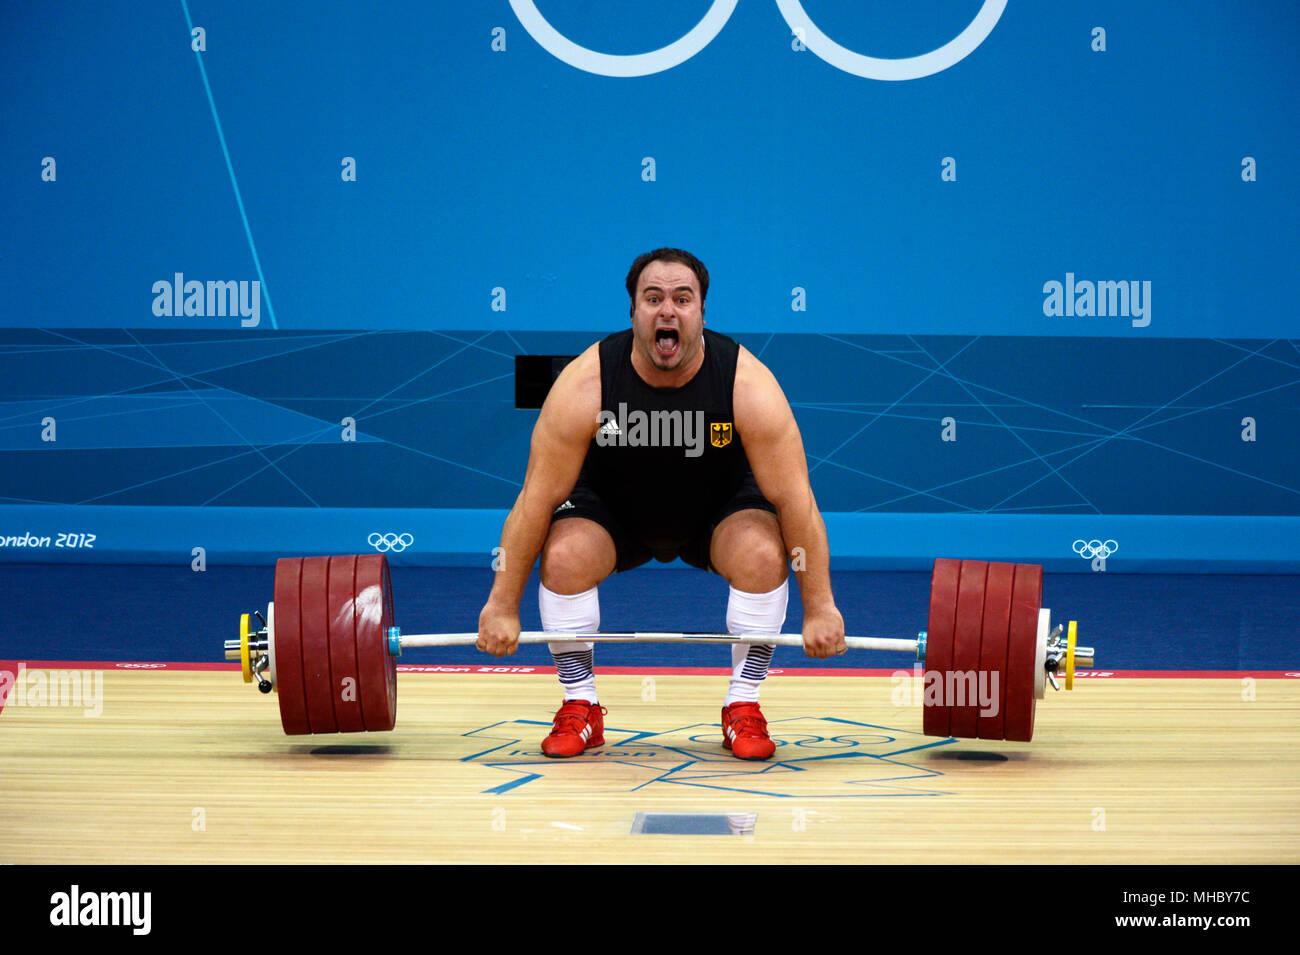 Londra 2012 - Olimpiadi: Almir Velagic della Germania di tentare un ascensore nell'uomo +105kg pesi della concorrenza. Immagini Stock